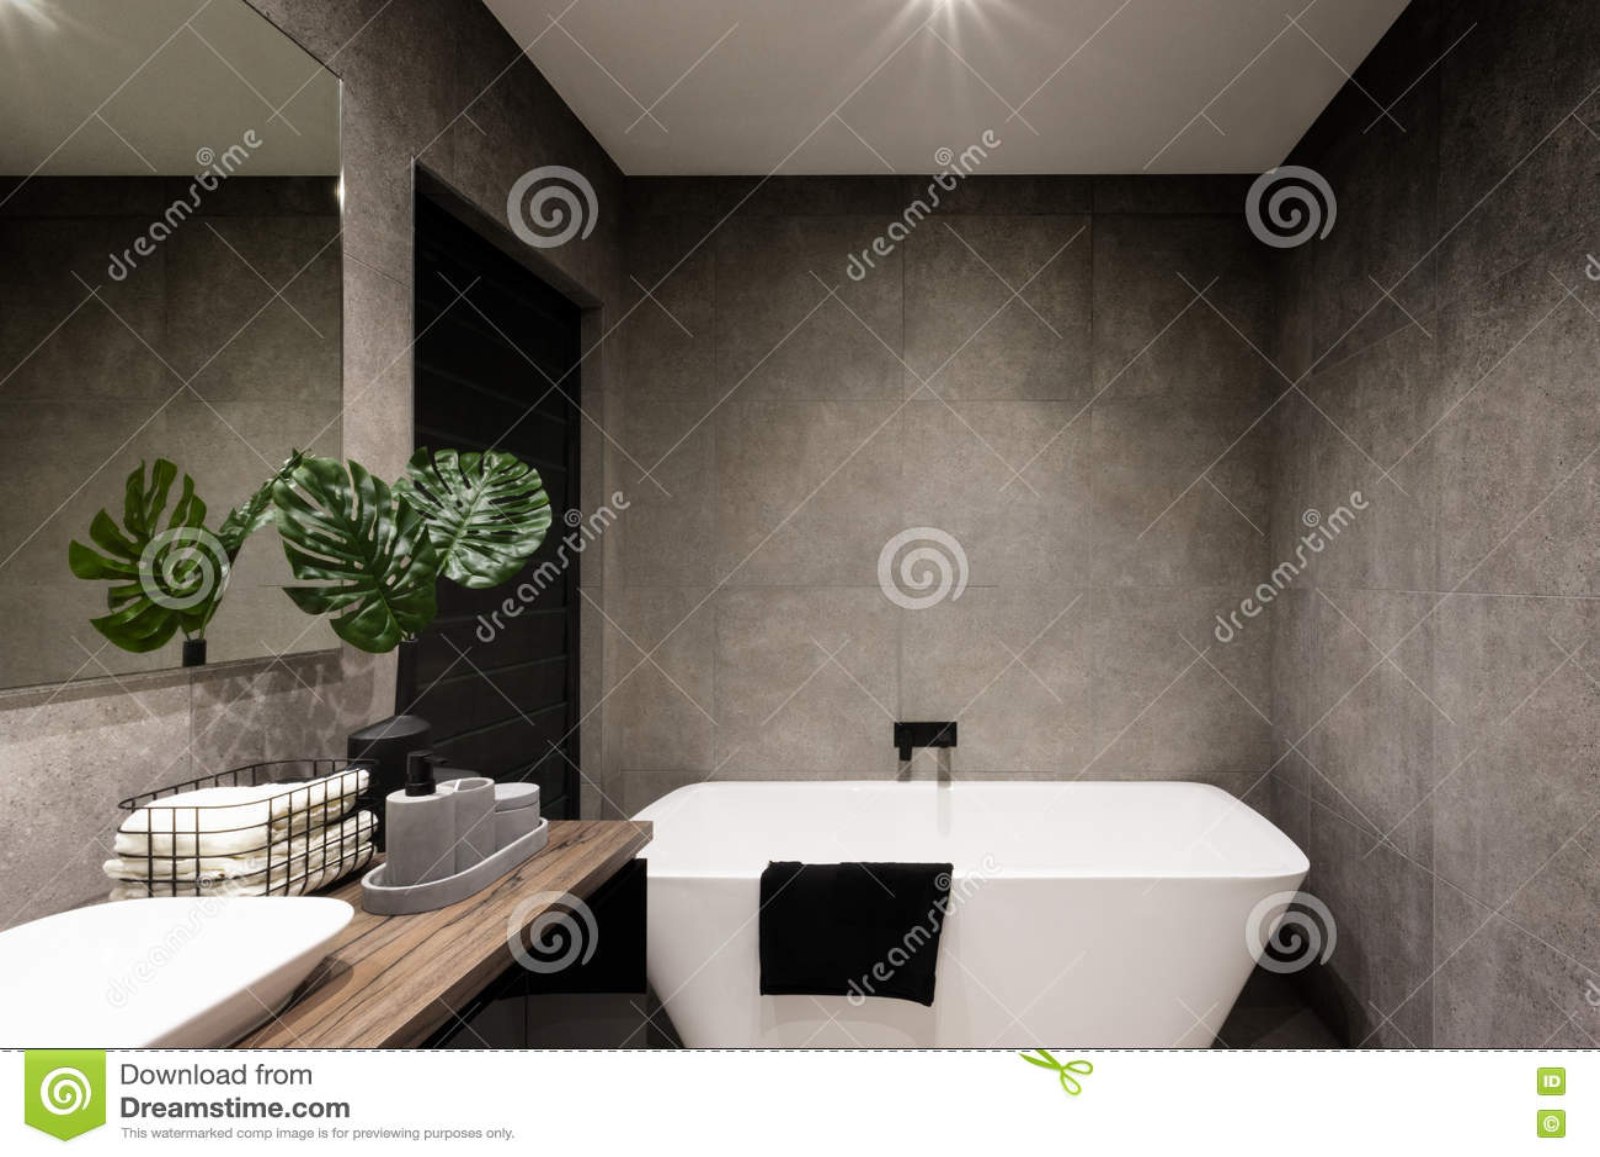 Mur Moderne De Salle De Bains Fait Dans Des Tuiles De Couleur Foncée